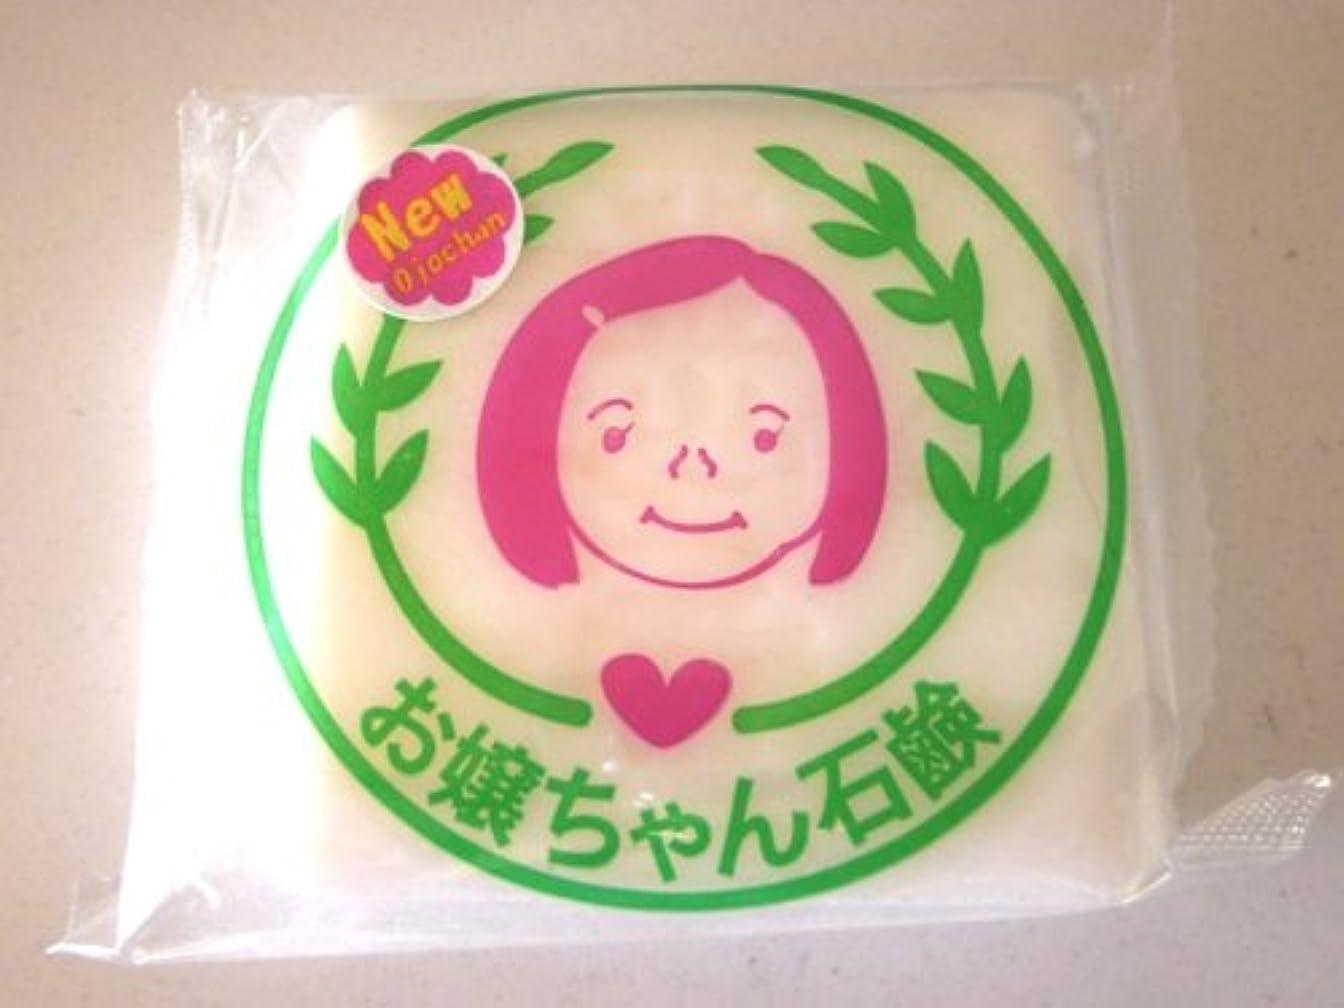 間に合わせ磁石温かい新しいお嬢ちゃん石鹸(100g)